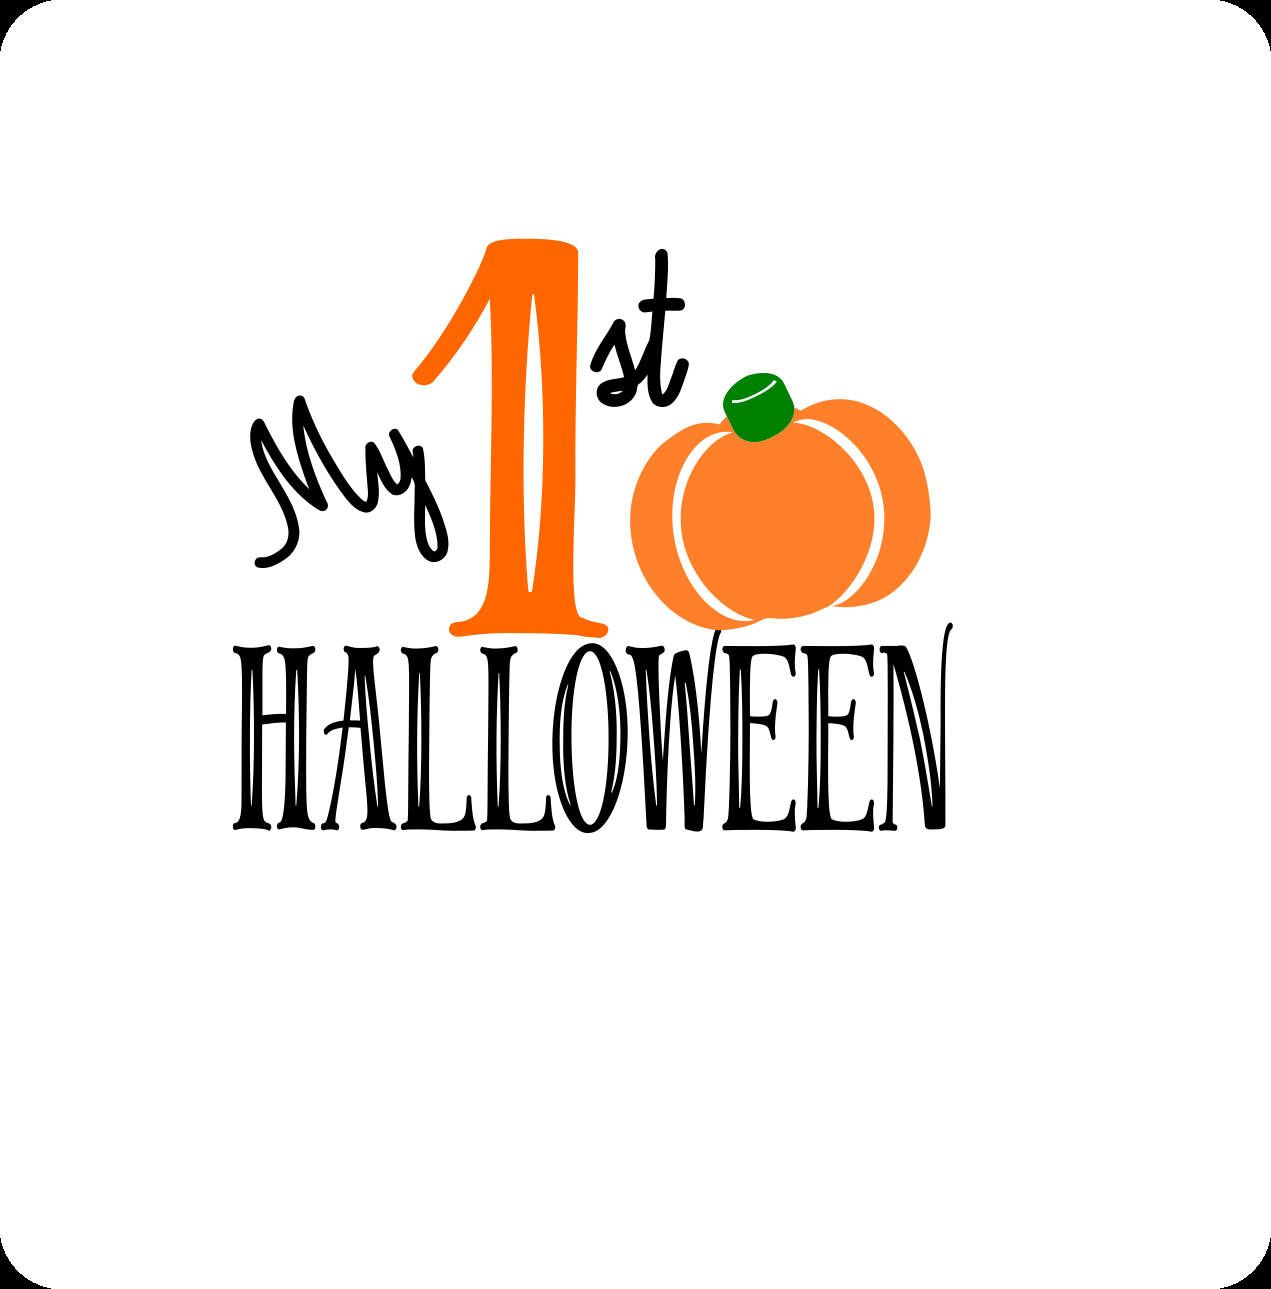 Halloween Svg Pumpkin Svg My First Halloween Svg First Etsy In 2020 My First Halloween First Halloween Baby First Halloween